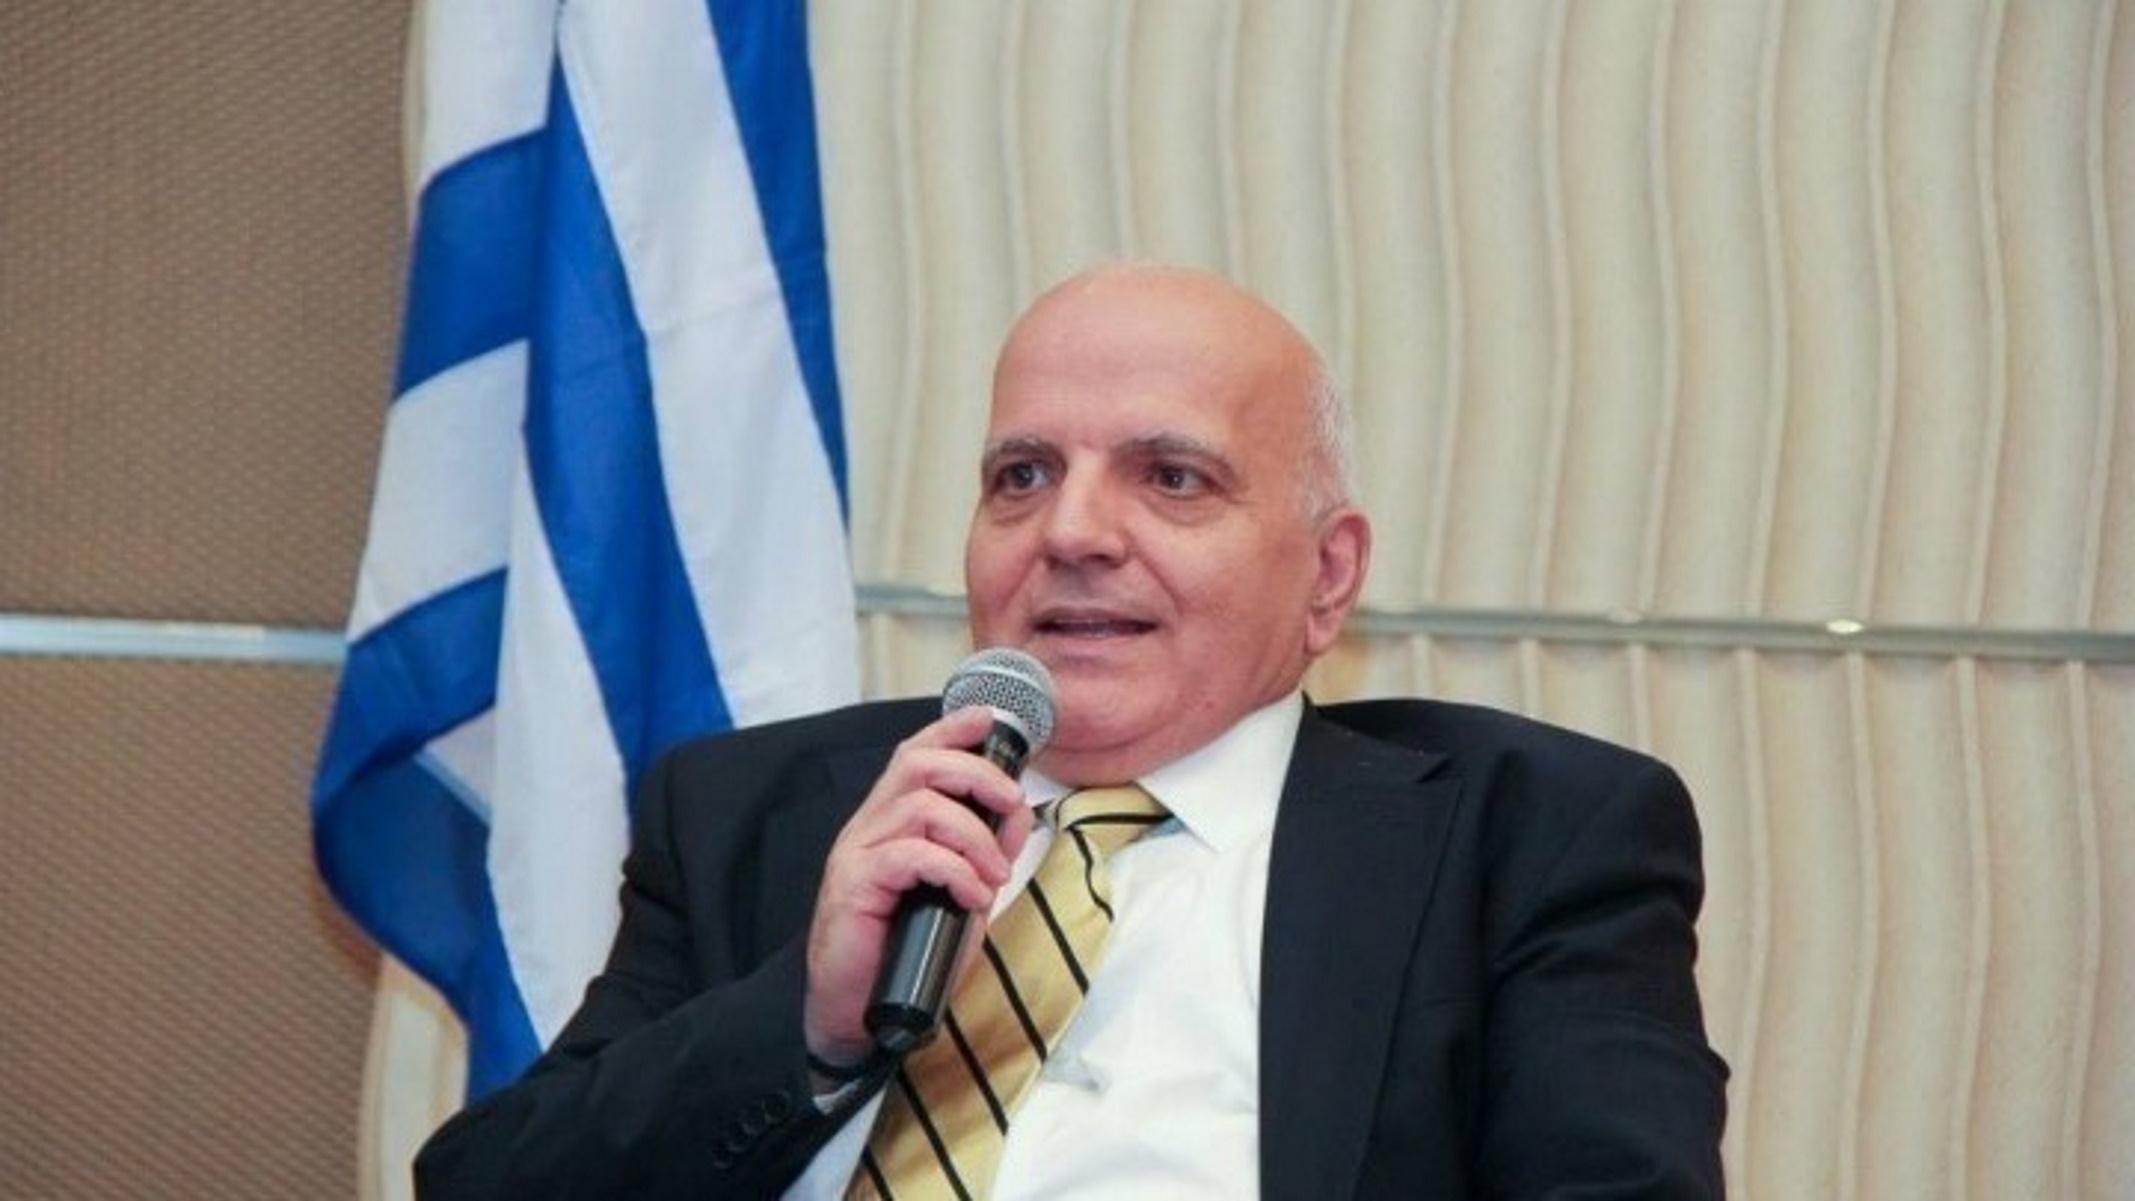 Γιώργος Φουντουλάκης: Τάφος τιμής ένεκεν για τον επικεφαλής του Παραολυμπιακού Κινήματος